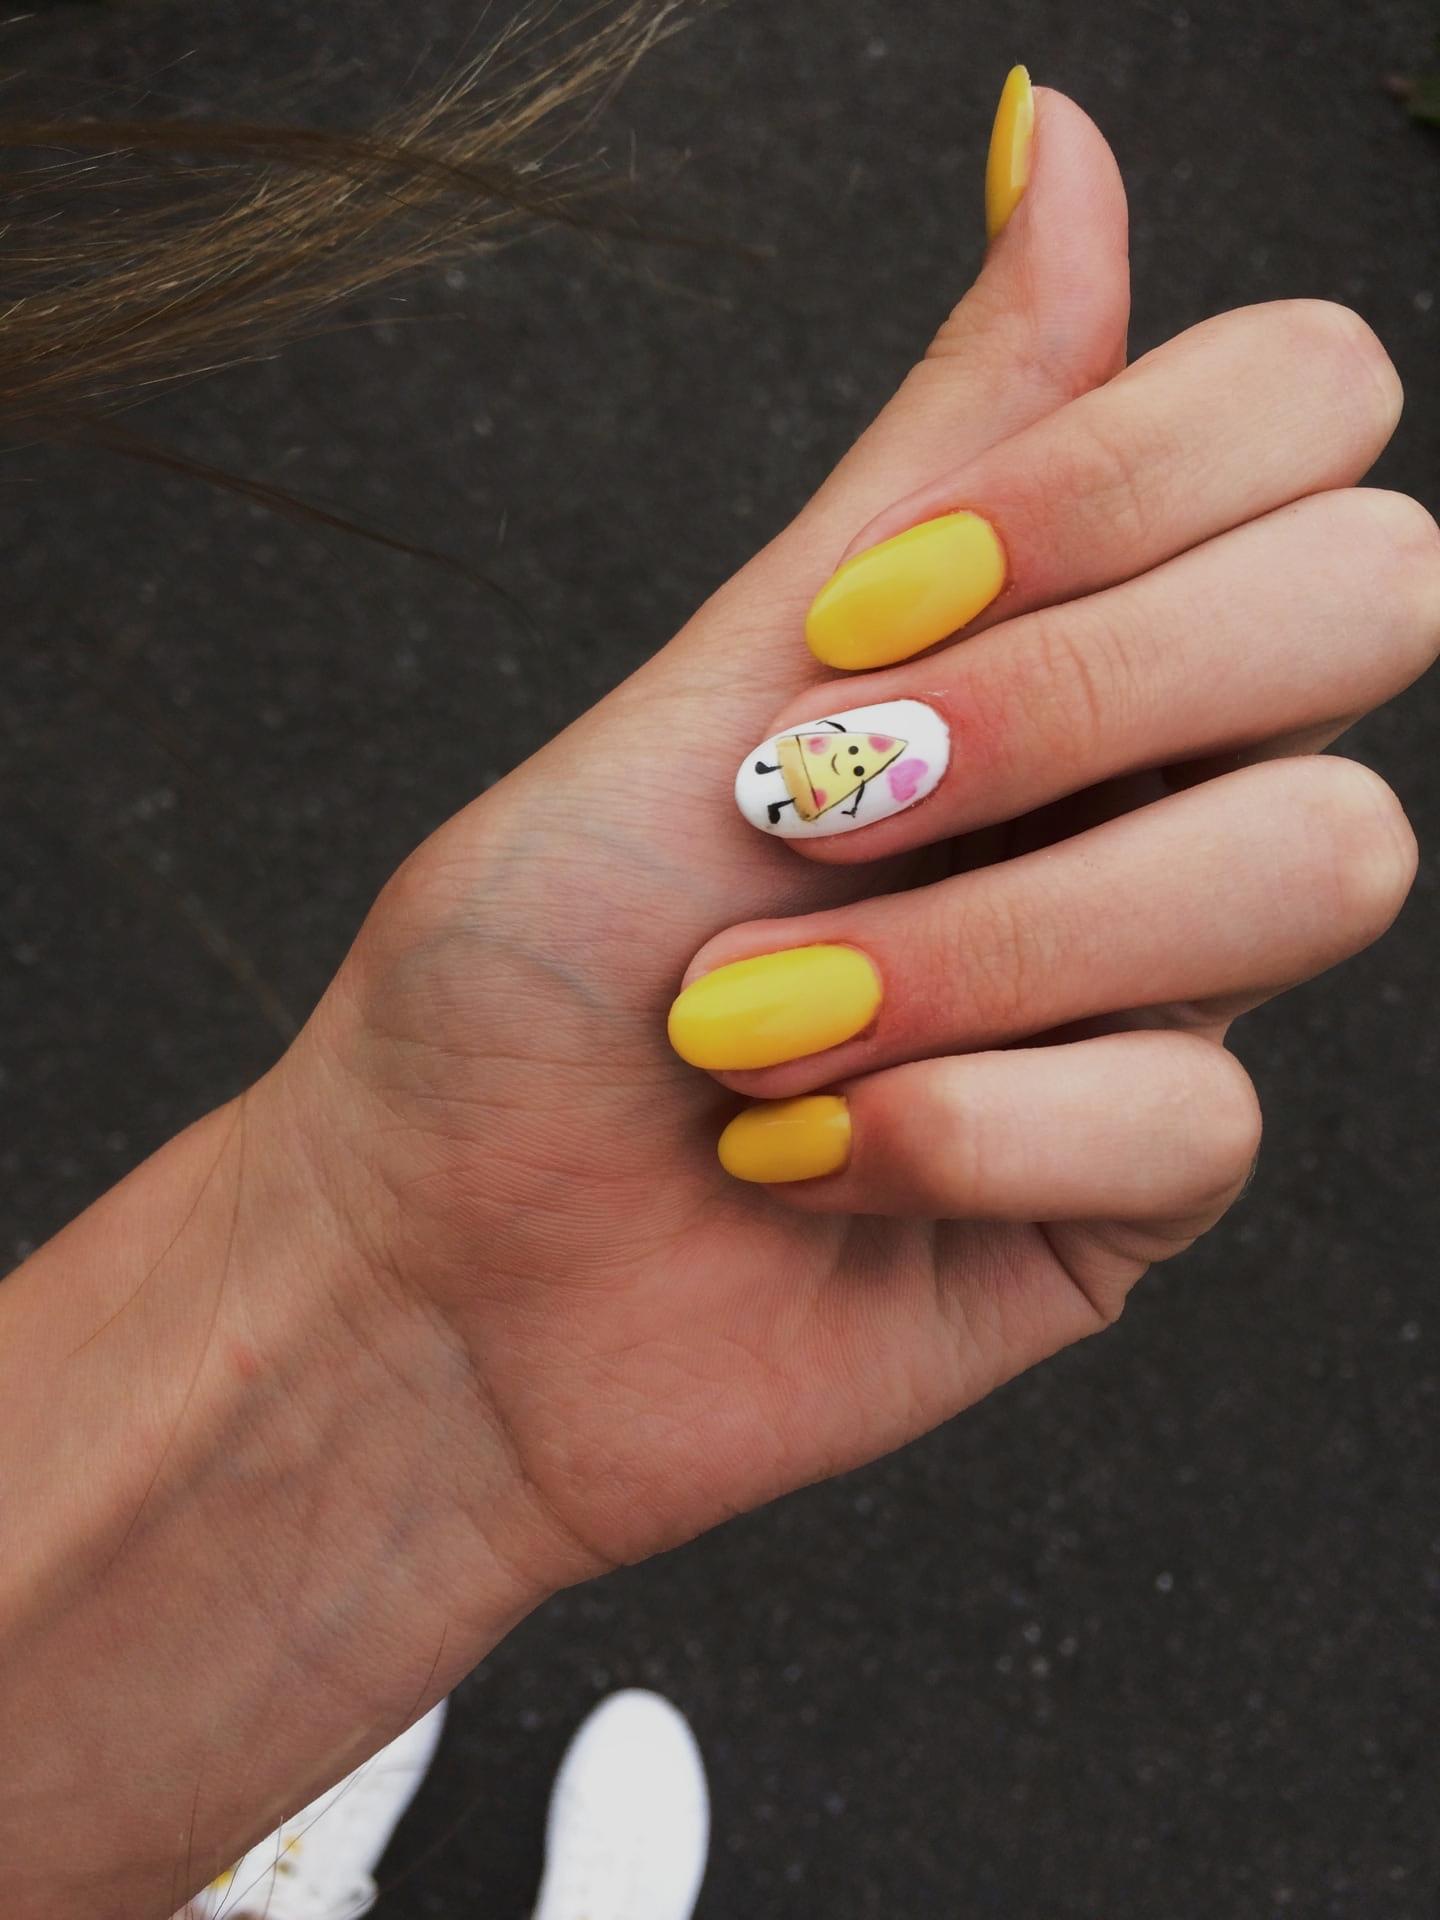 Матовый маникюр с рисунком в желтом цвете на короткие ногти.